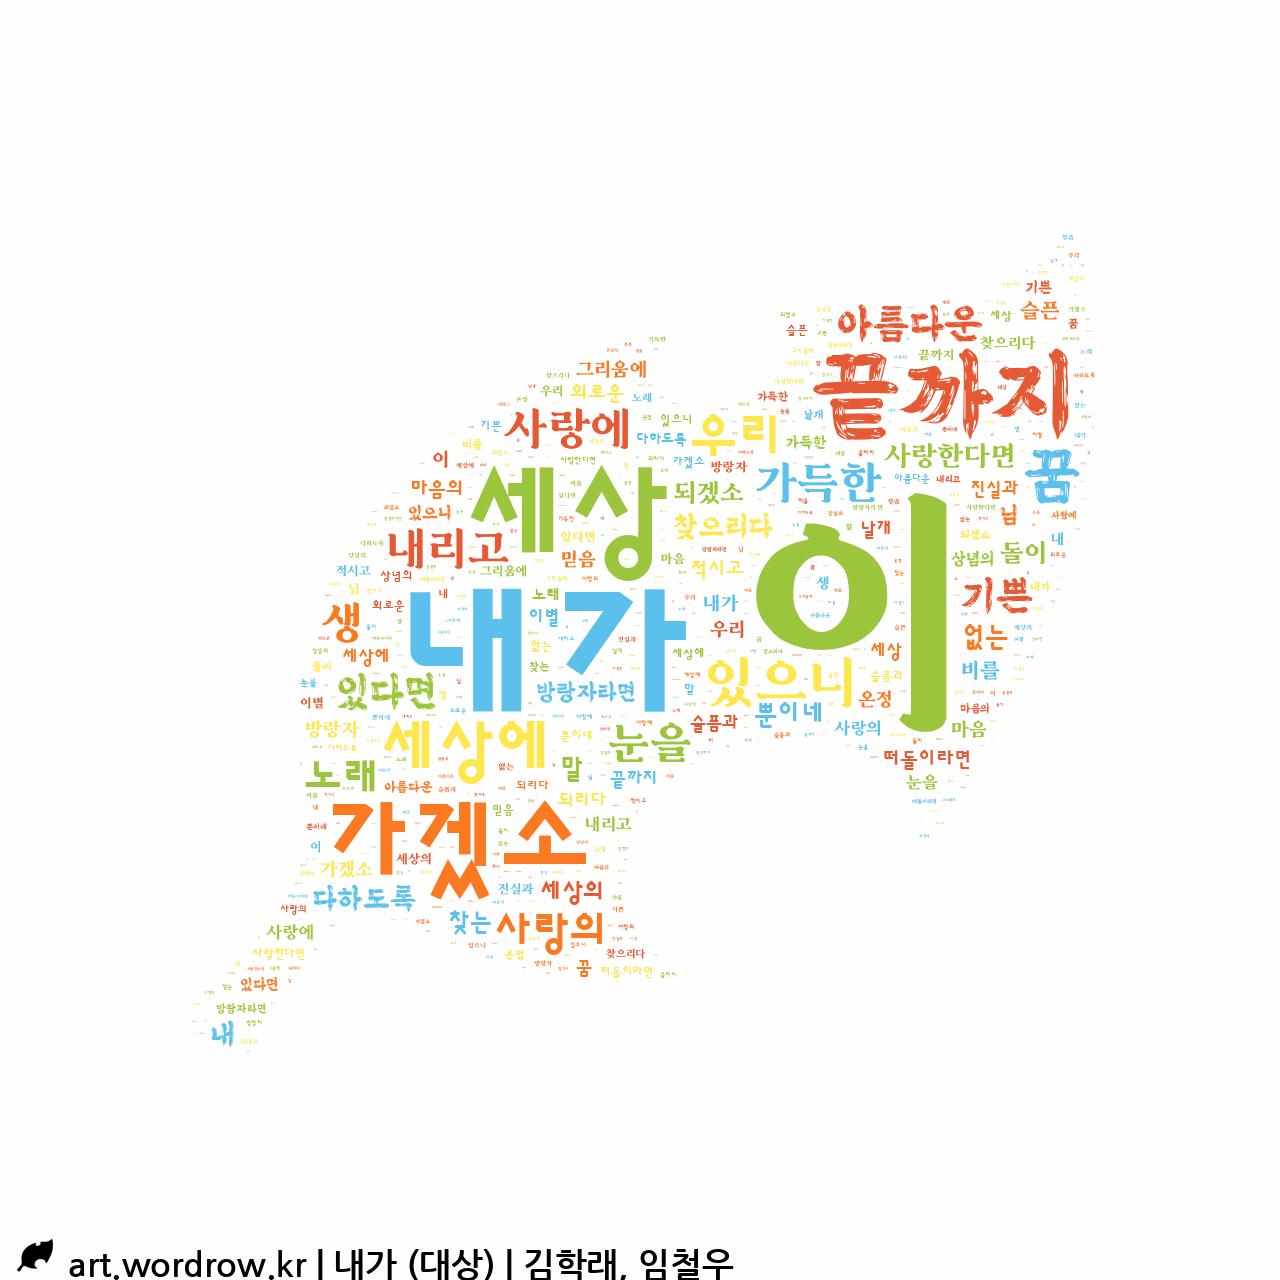 워드 아트: 내가 (대상) [김학래, 임철우]-2